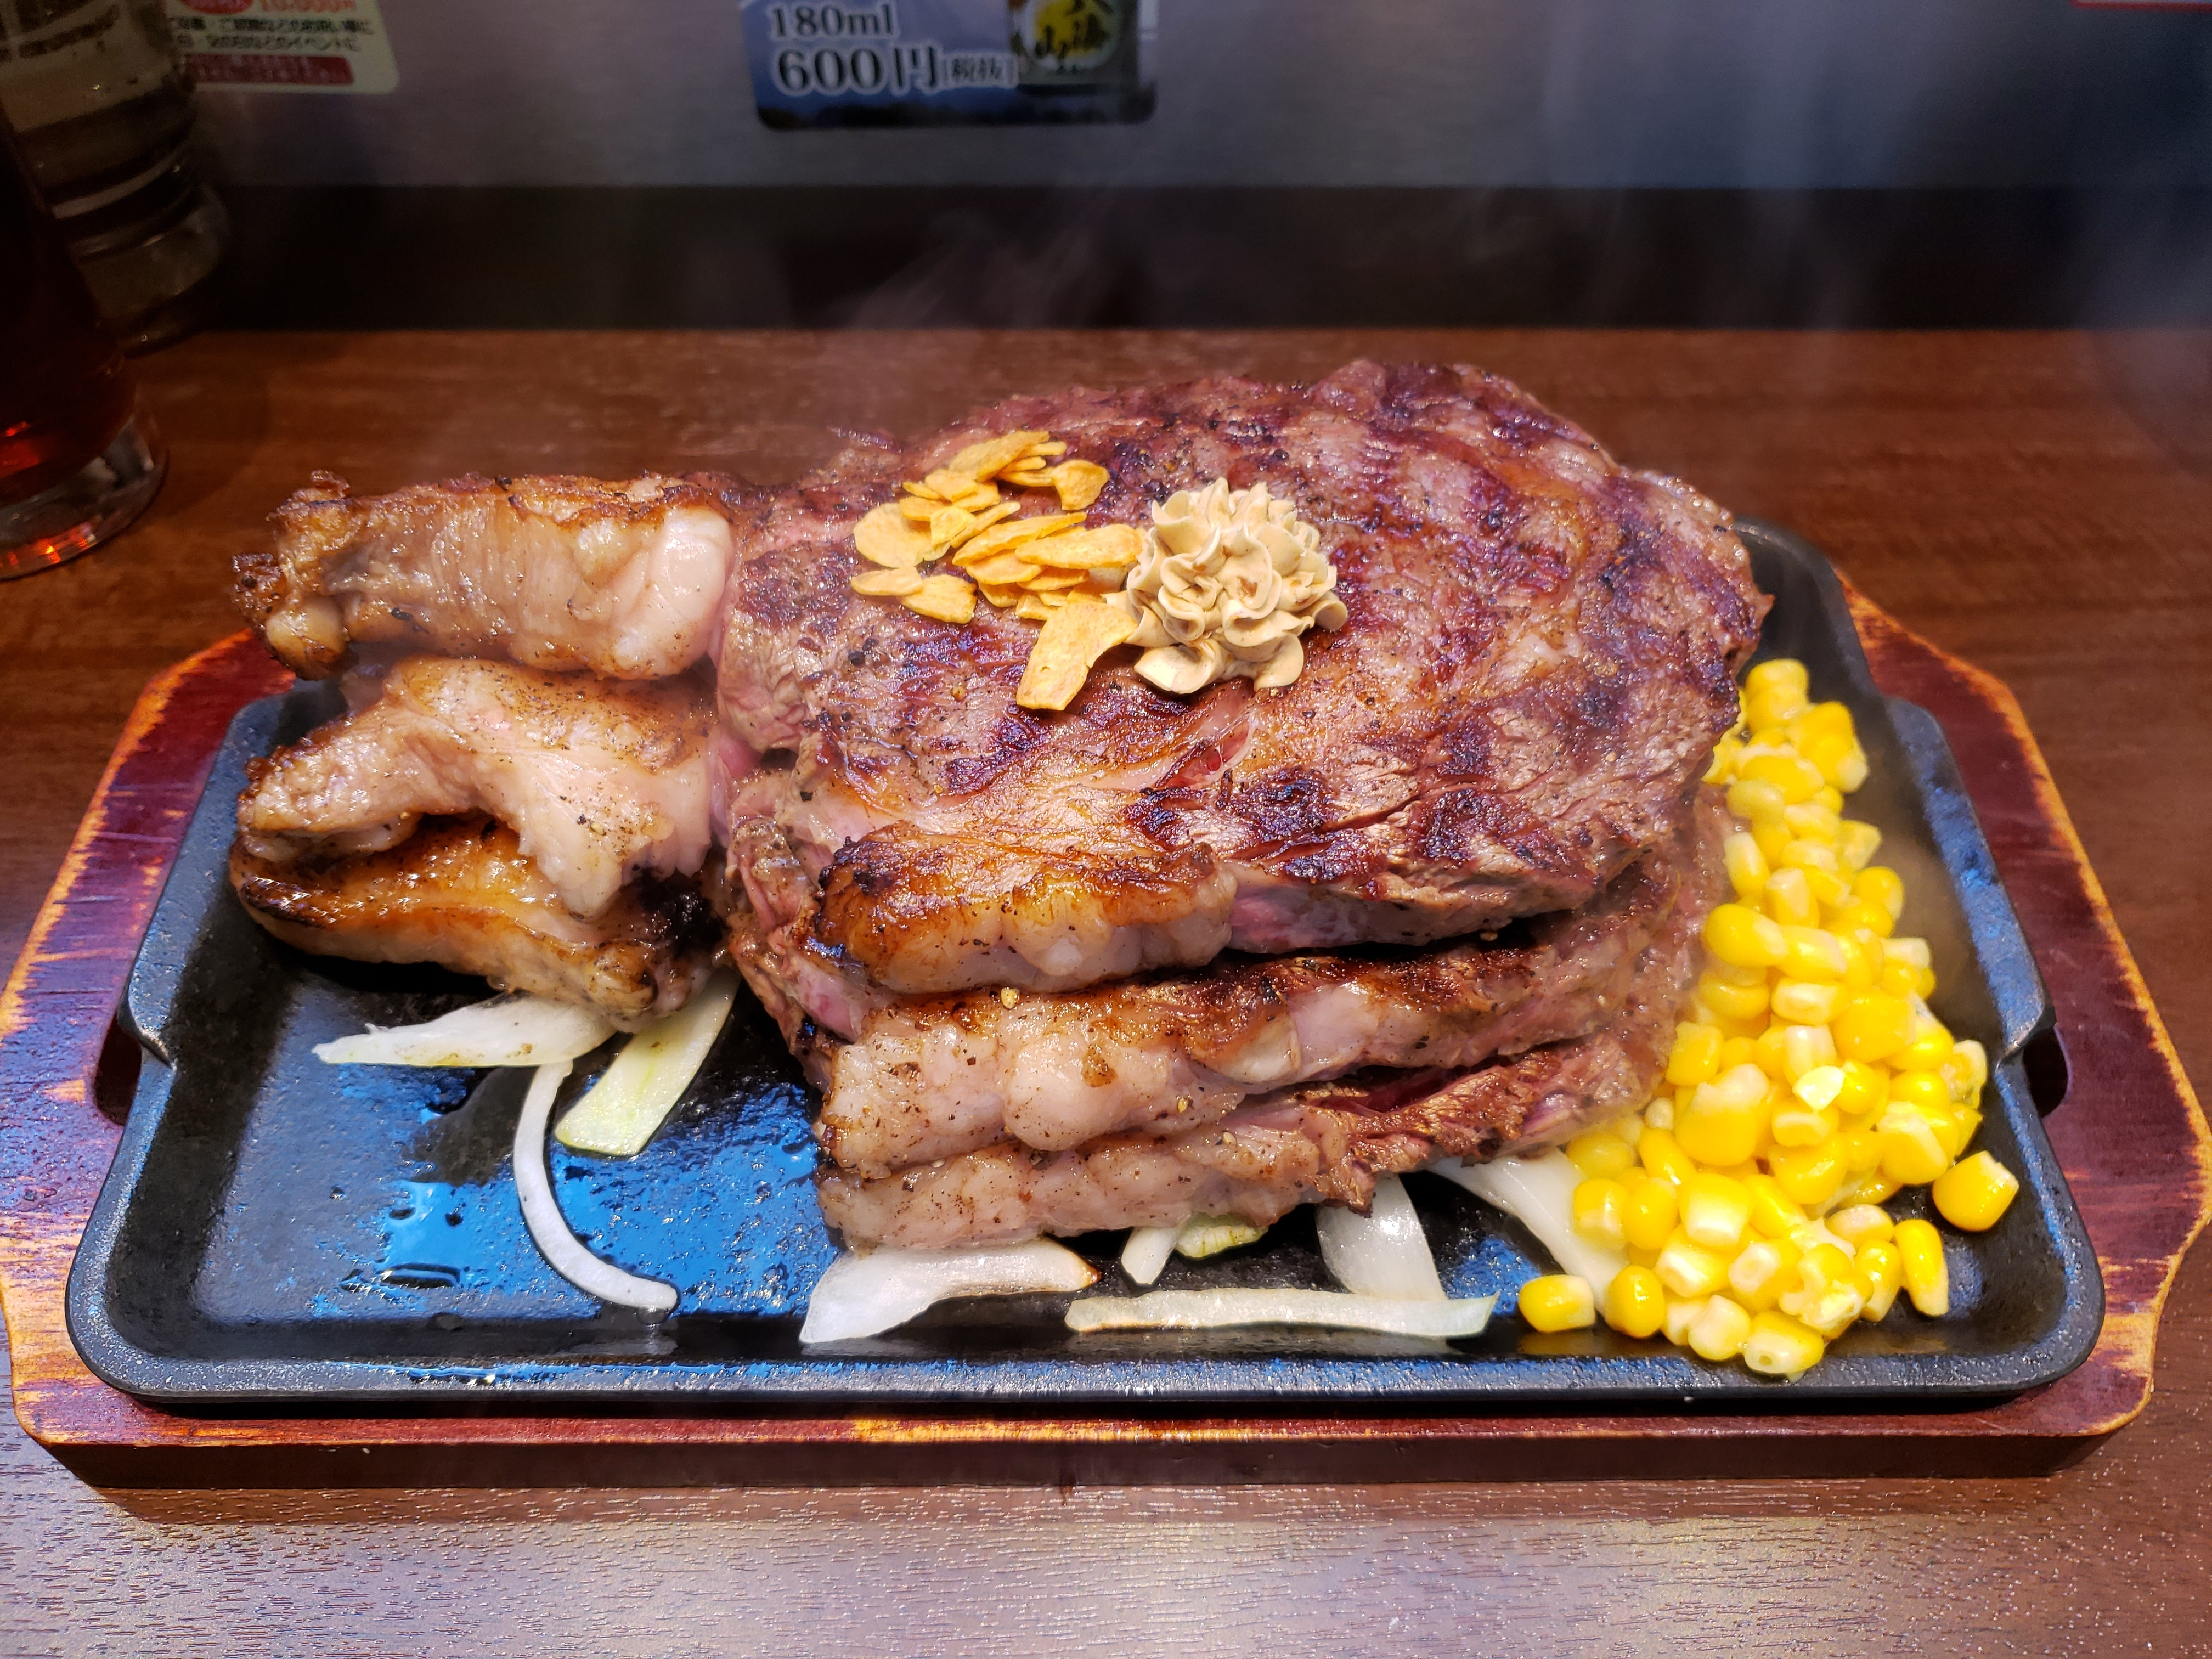 リブロースステーキ1kg